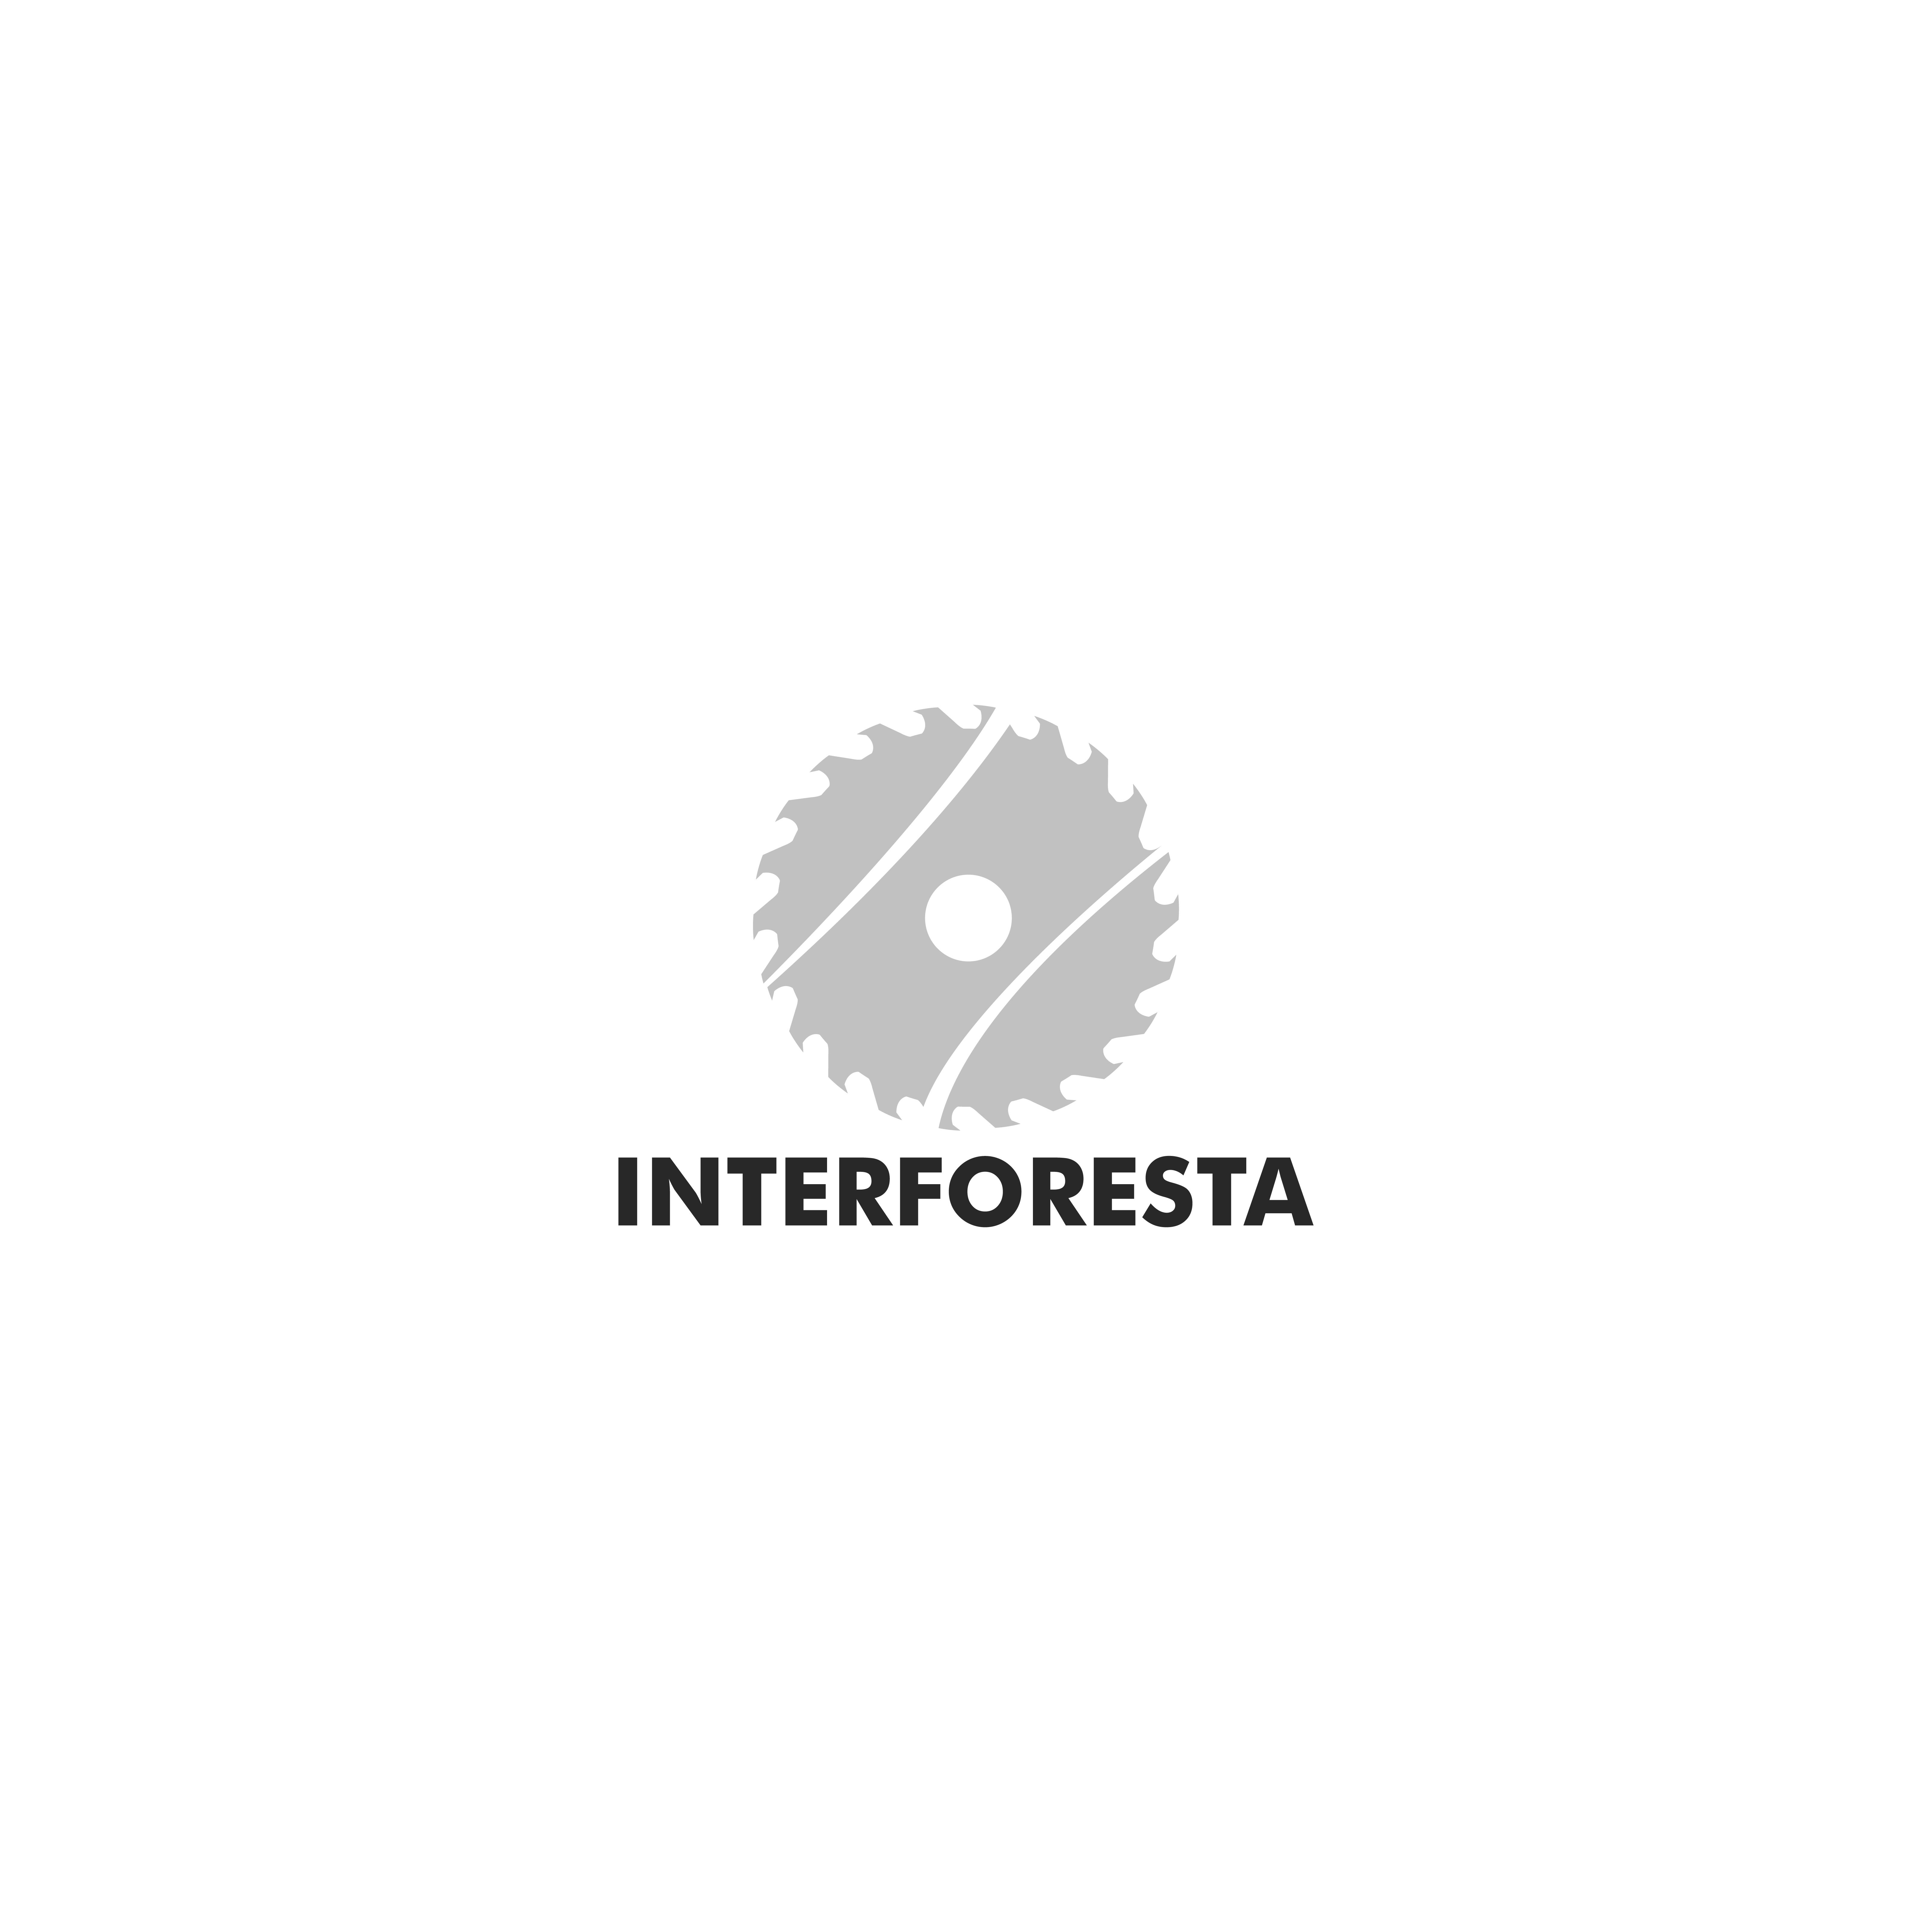 Interforesta 2